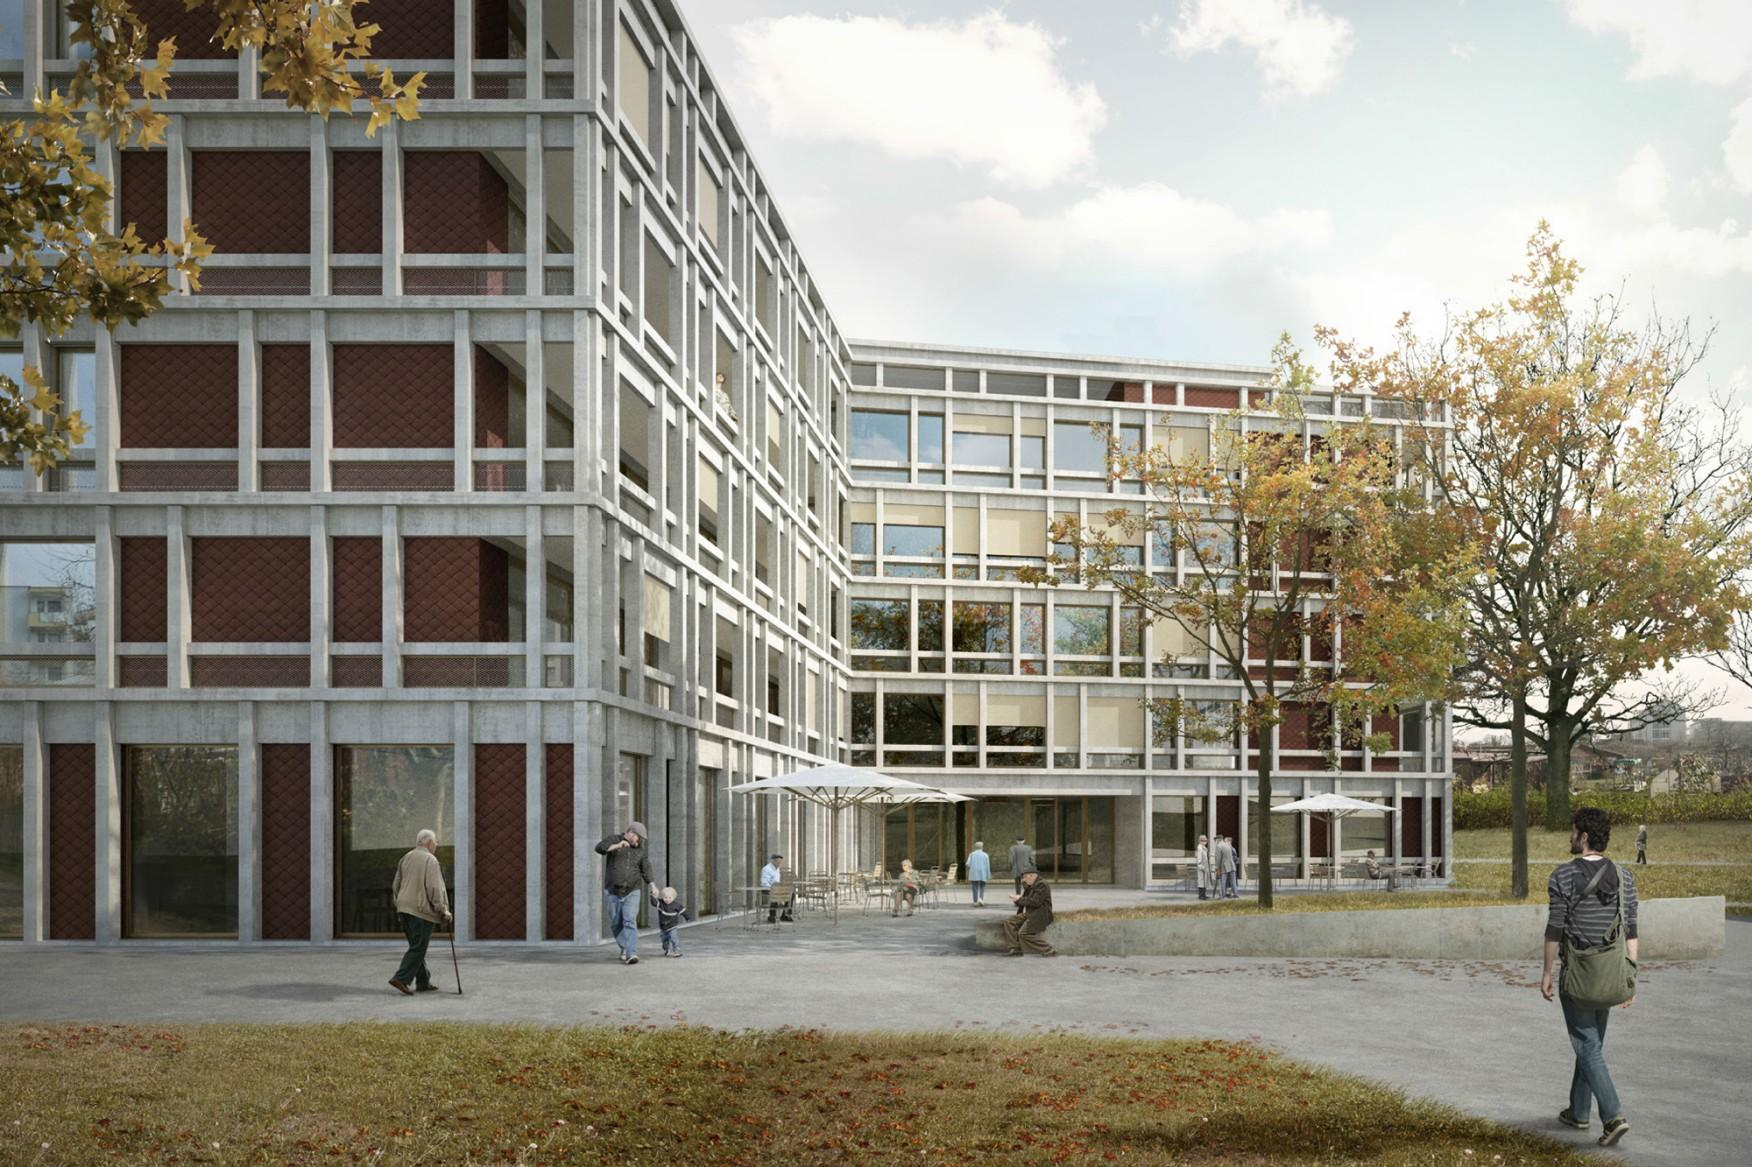 Alterszentrum Mathysweg, Zürich, Allemann Bauer Eigenmann Architekten, farfalla